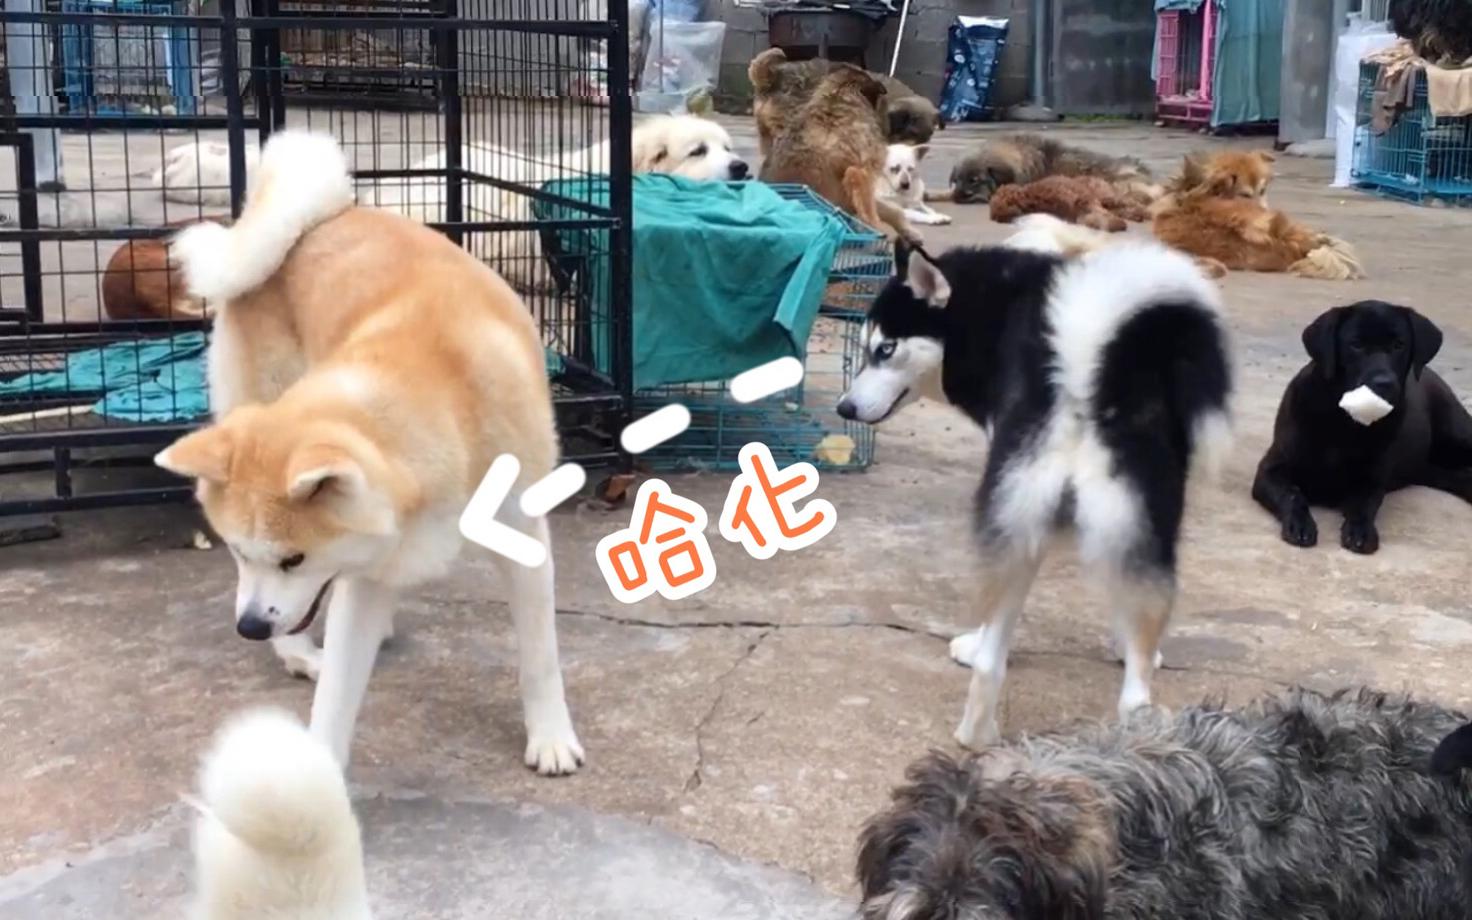 秋田犬颜值高,却有点傻乎乎的,大可爱!